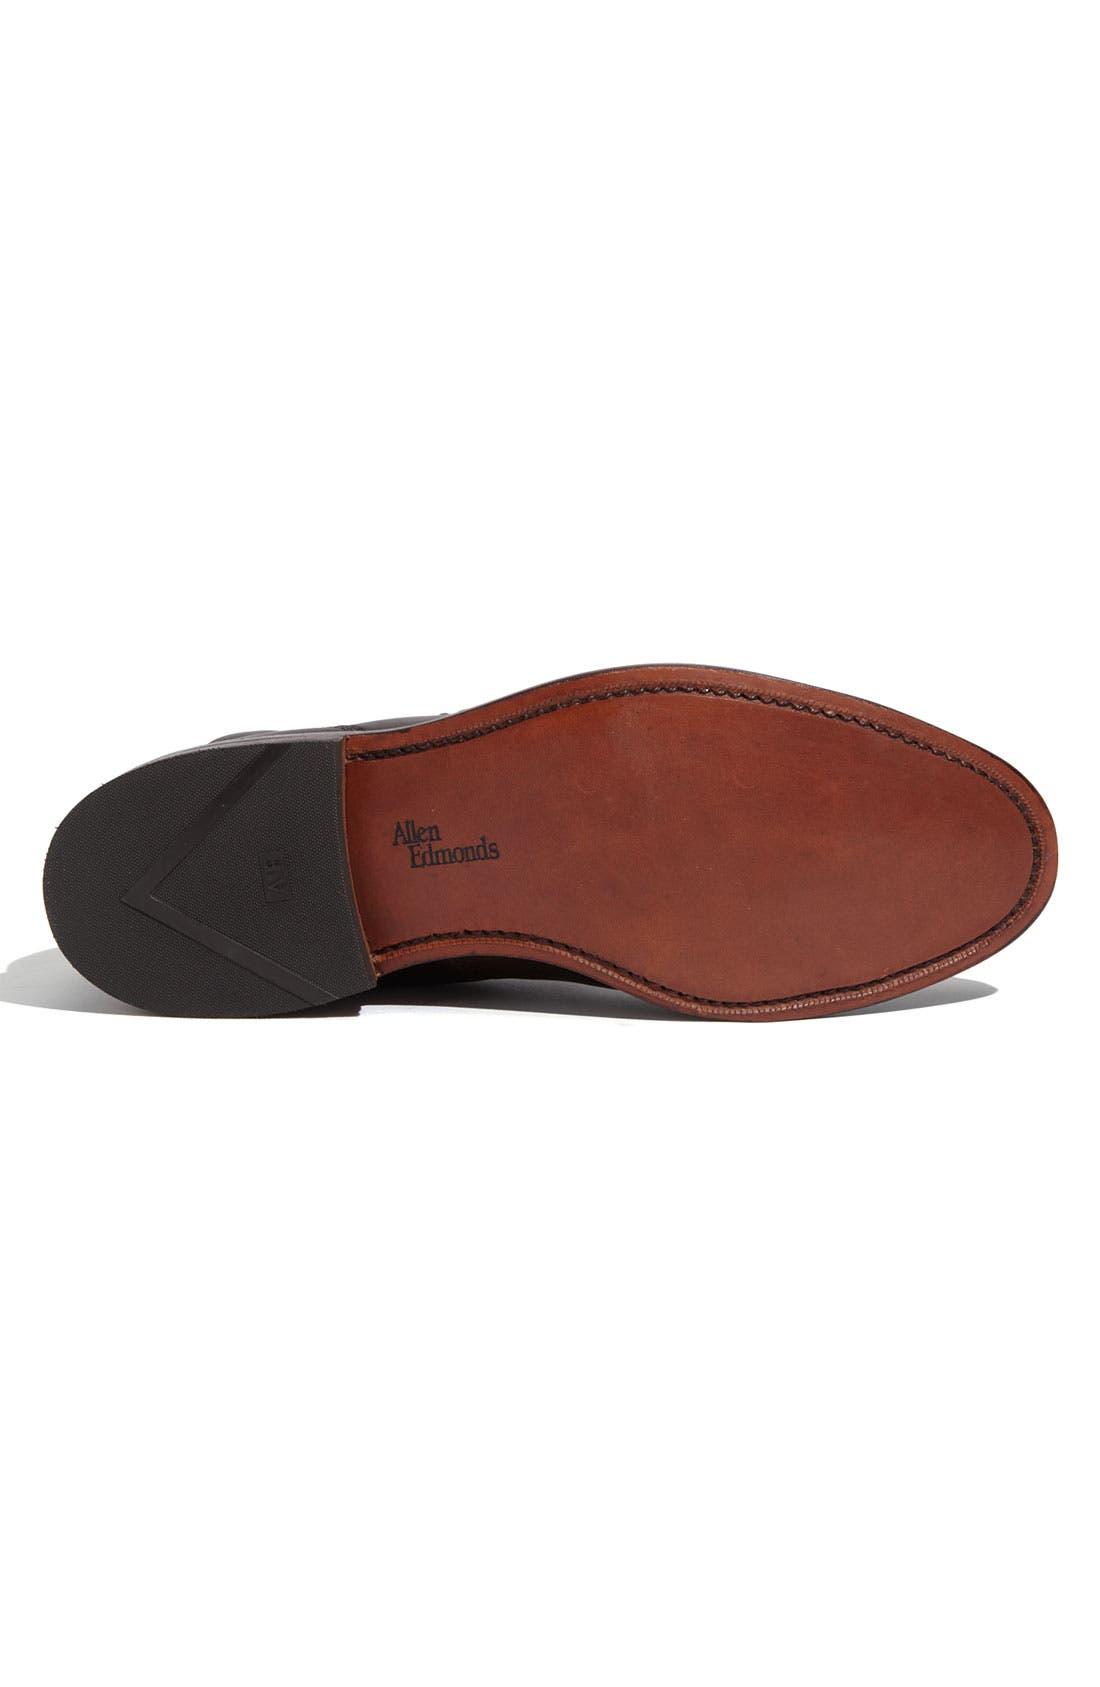 Alternate Image 4  - Allen Edmonds 'Fifth Street' Boot (Men)